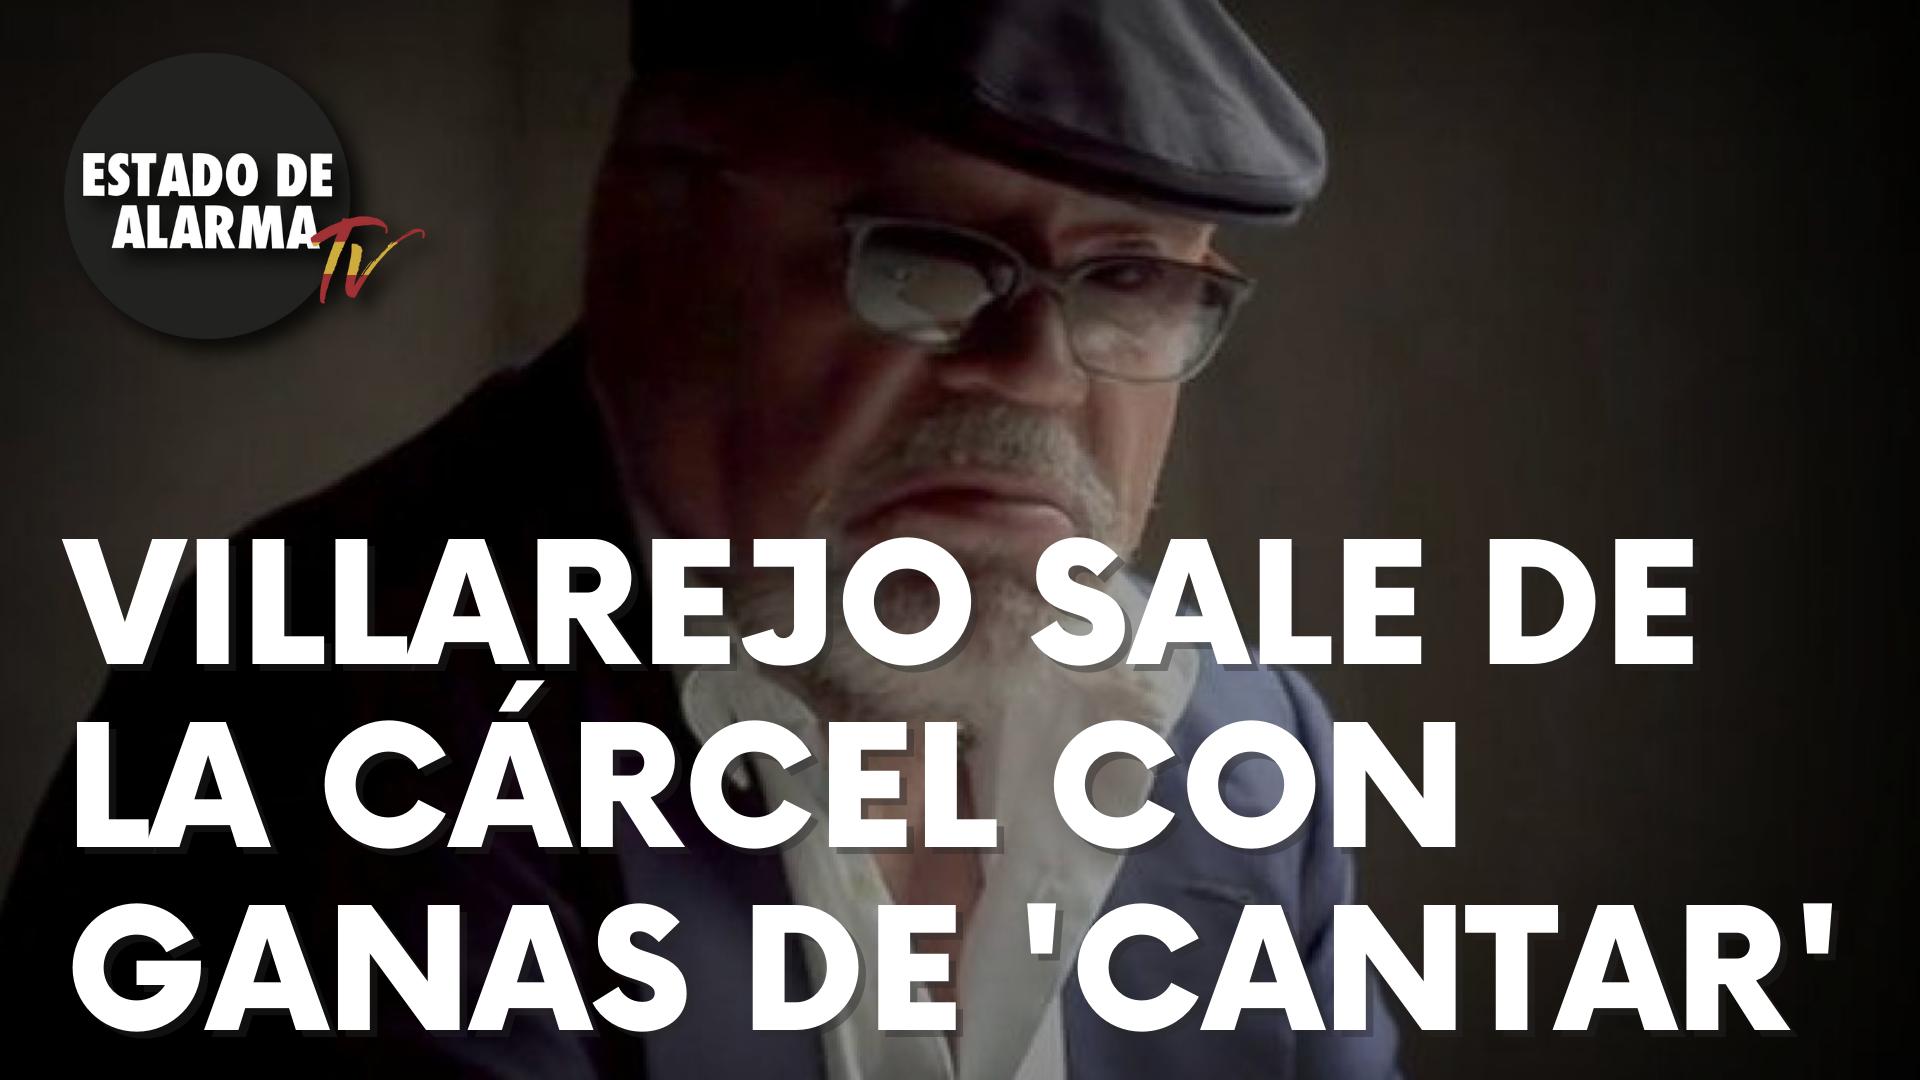 El excomisario Villarejo sale de la cárcel con ganas de 'cantar'